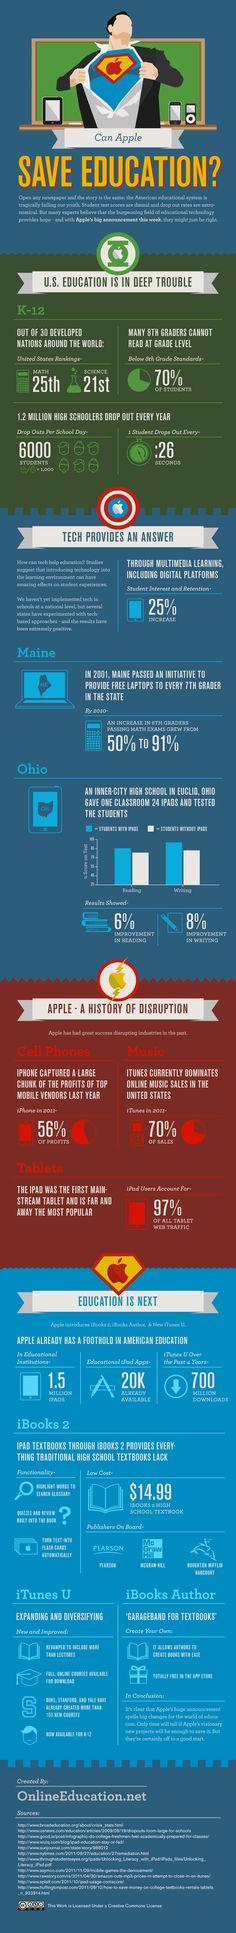 ¿Puede Apple salvar la enseñanza? #infografia vía @SocialMediaTic_